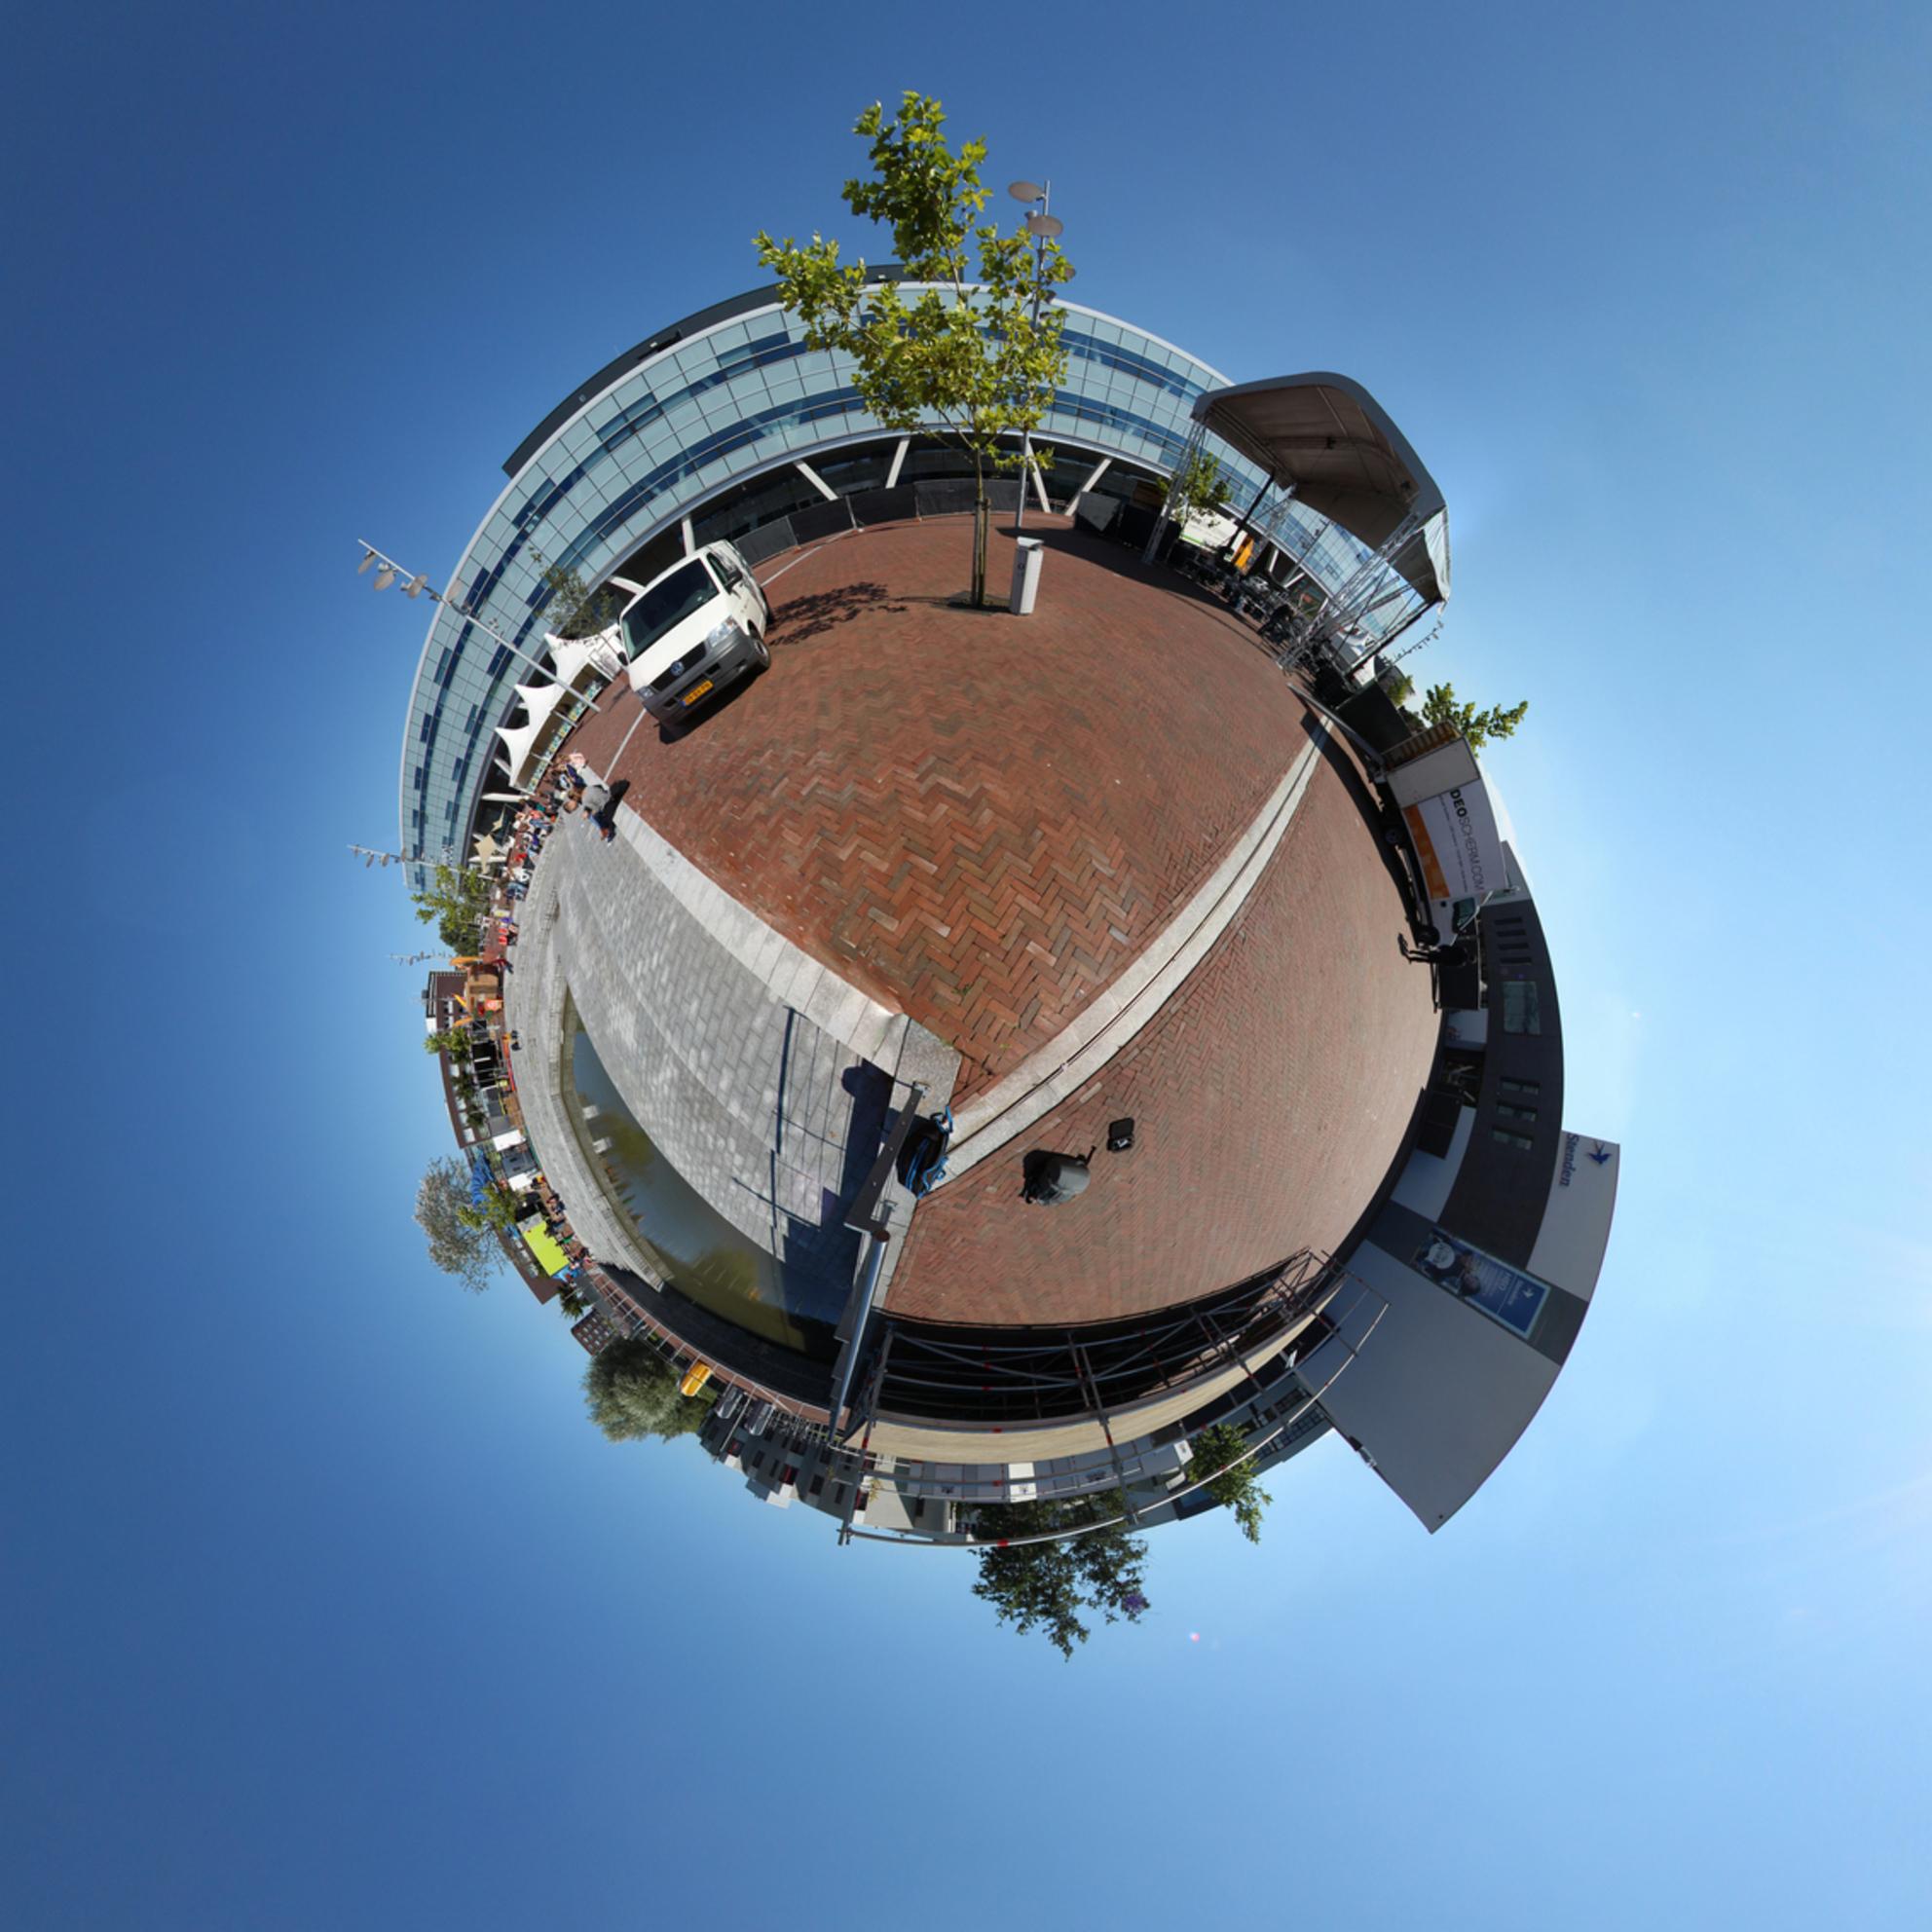 Little Planet NHL hoge school - - - foto door c3lx op 01-09-2014 - deze foto bevat: fisheye, 360, little planet, bolfoto